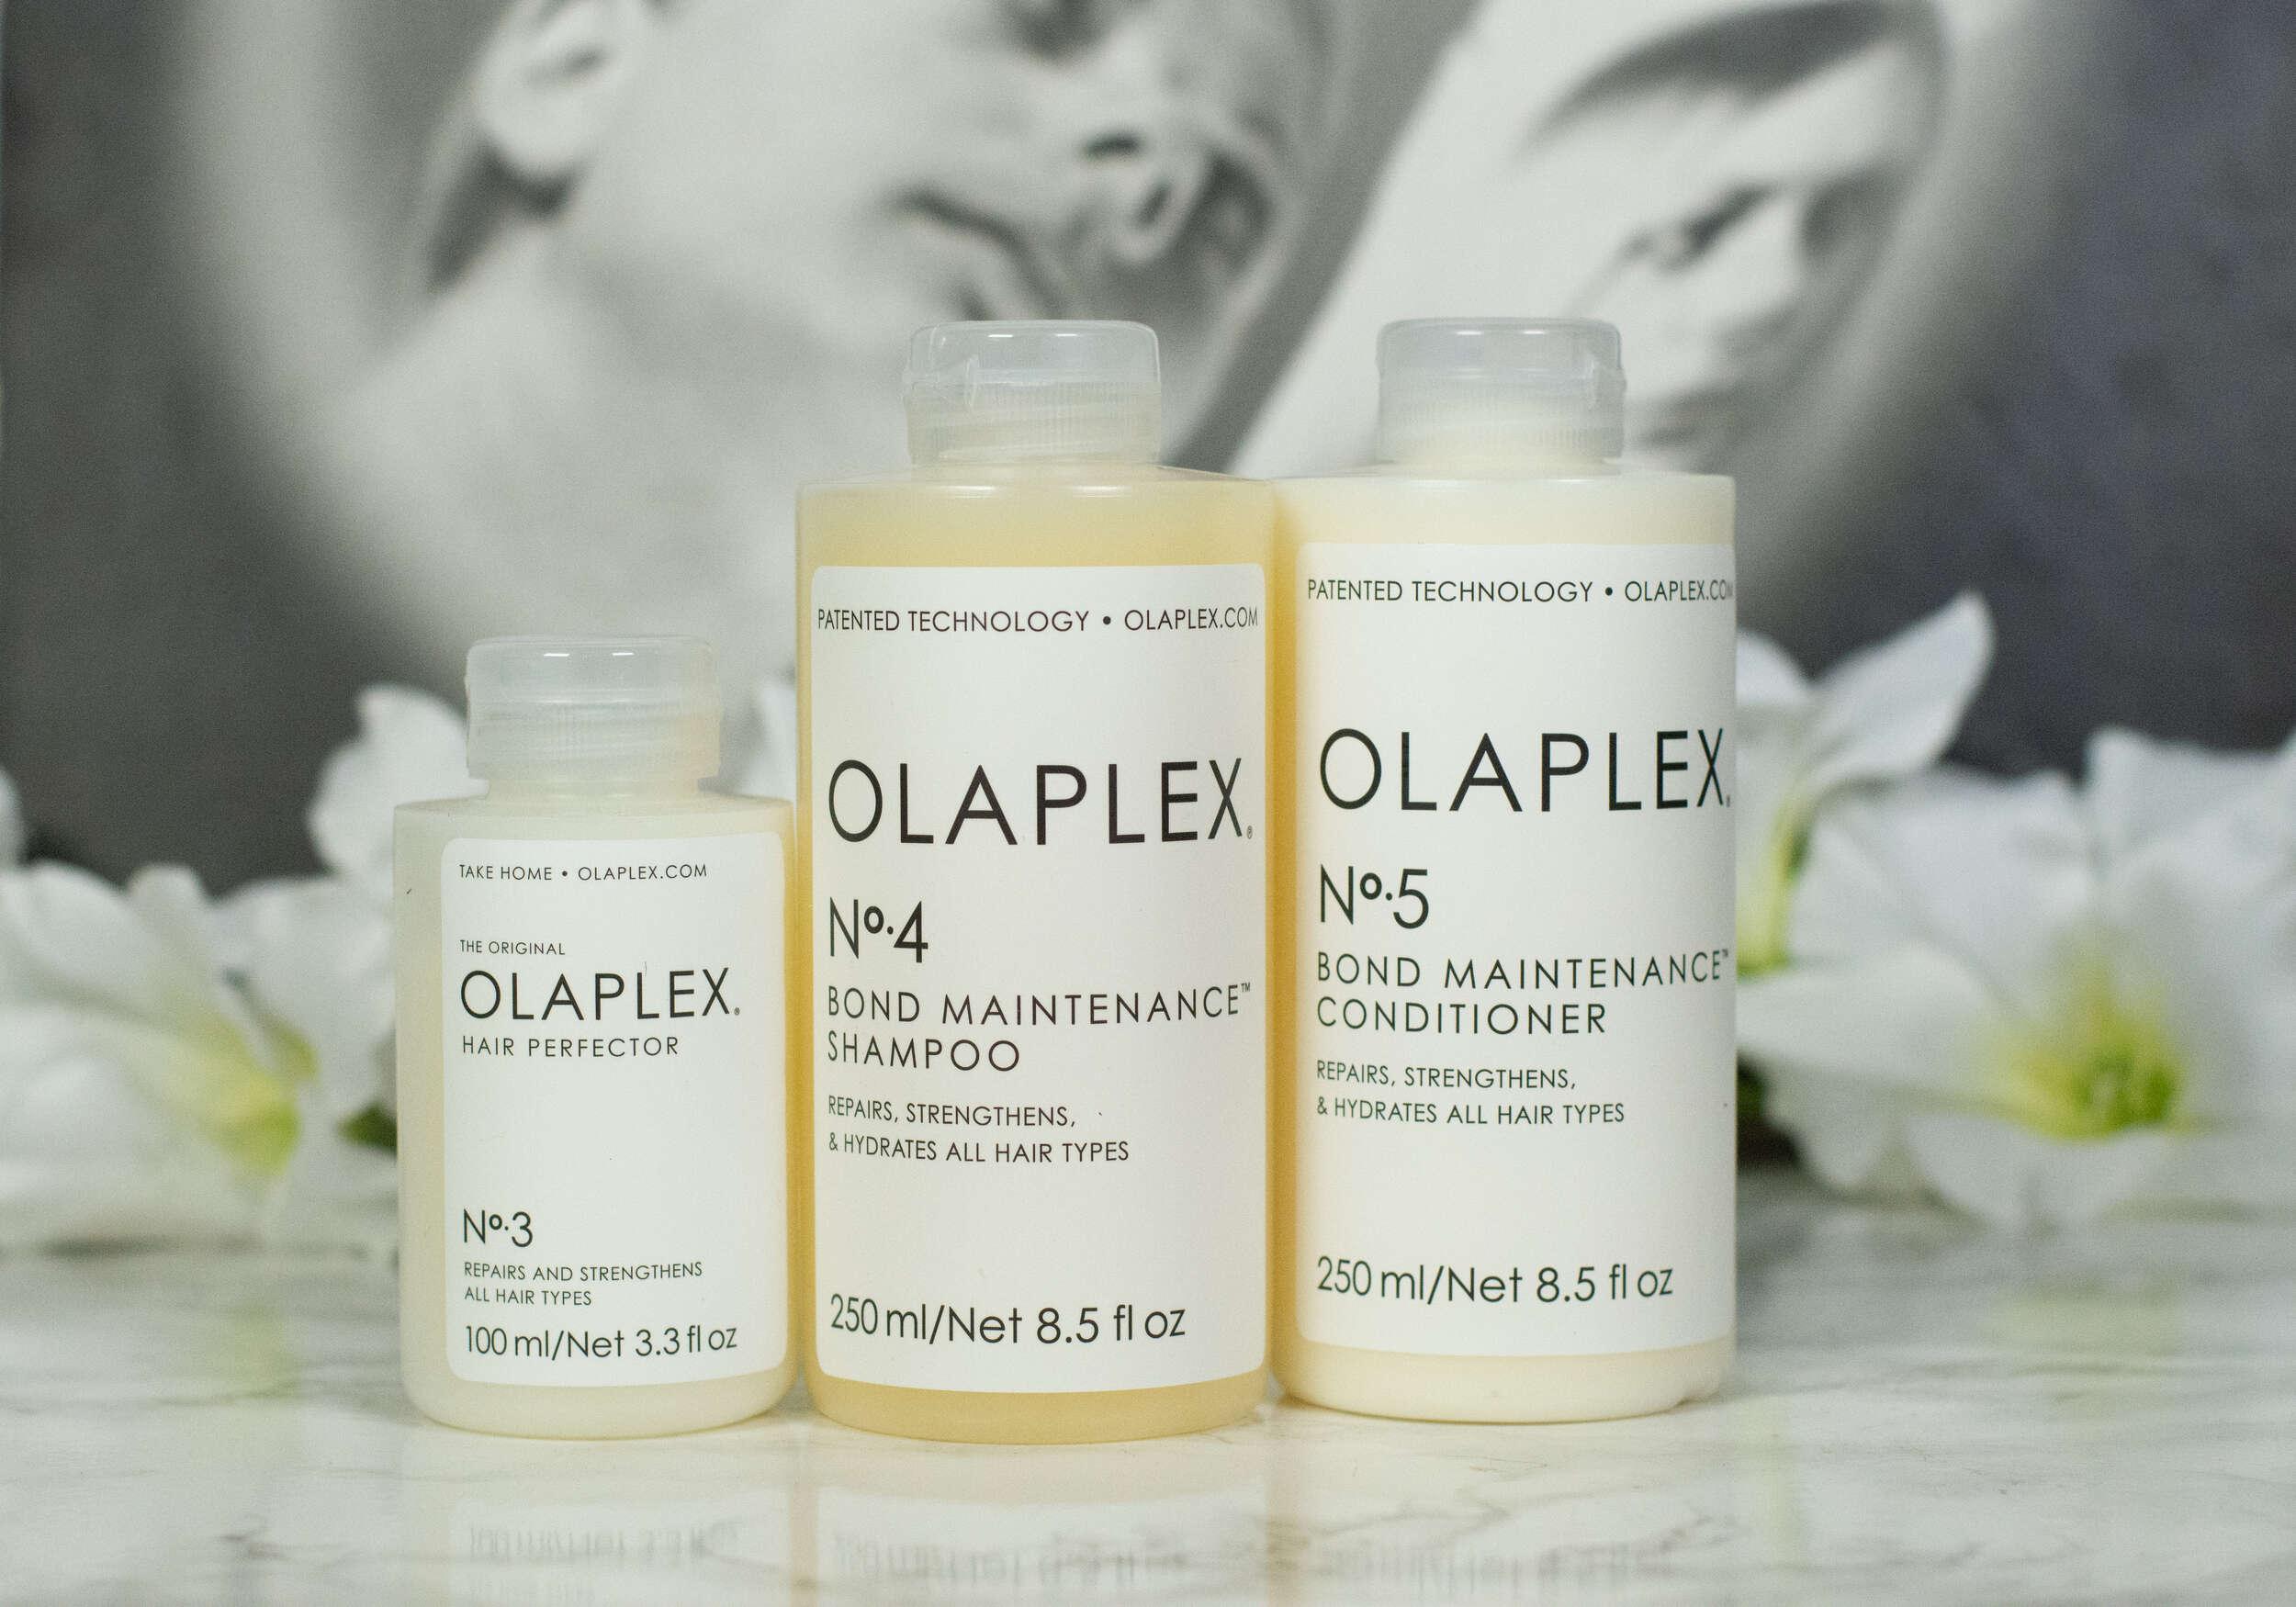 Olaplex hair care